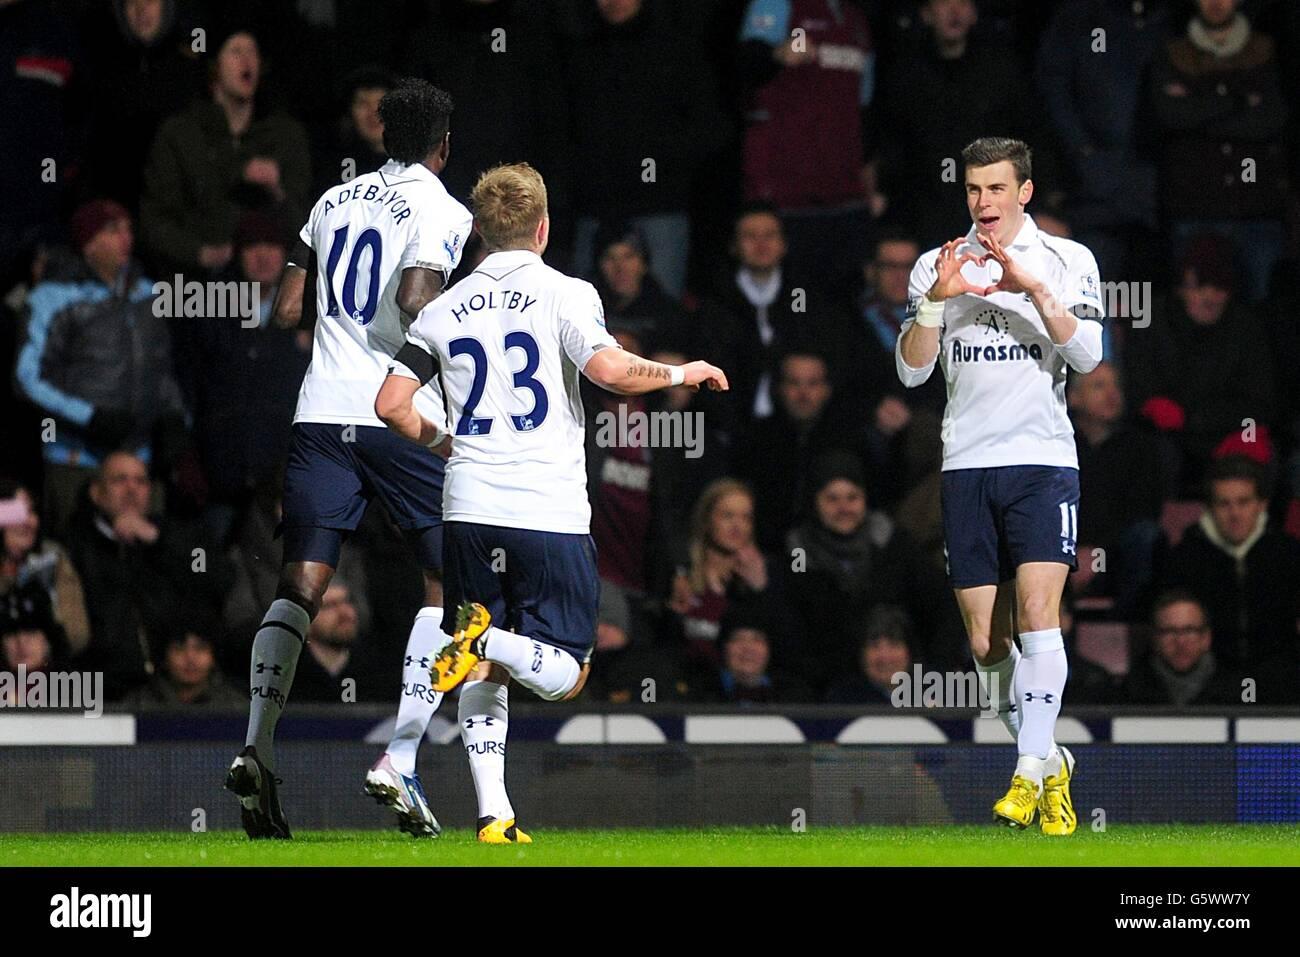 c9468912528 Soccer - Barclays Premier League - West Ham United v Tottenham Hotspur - Upton  Park